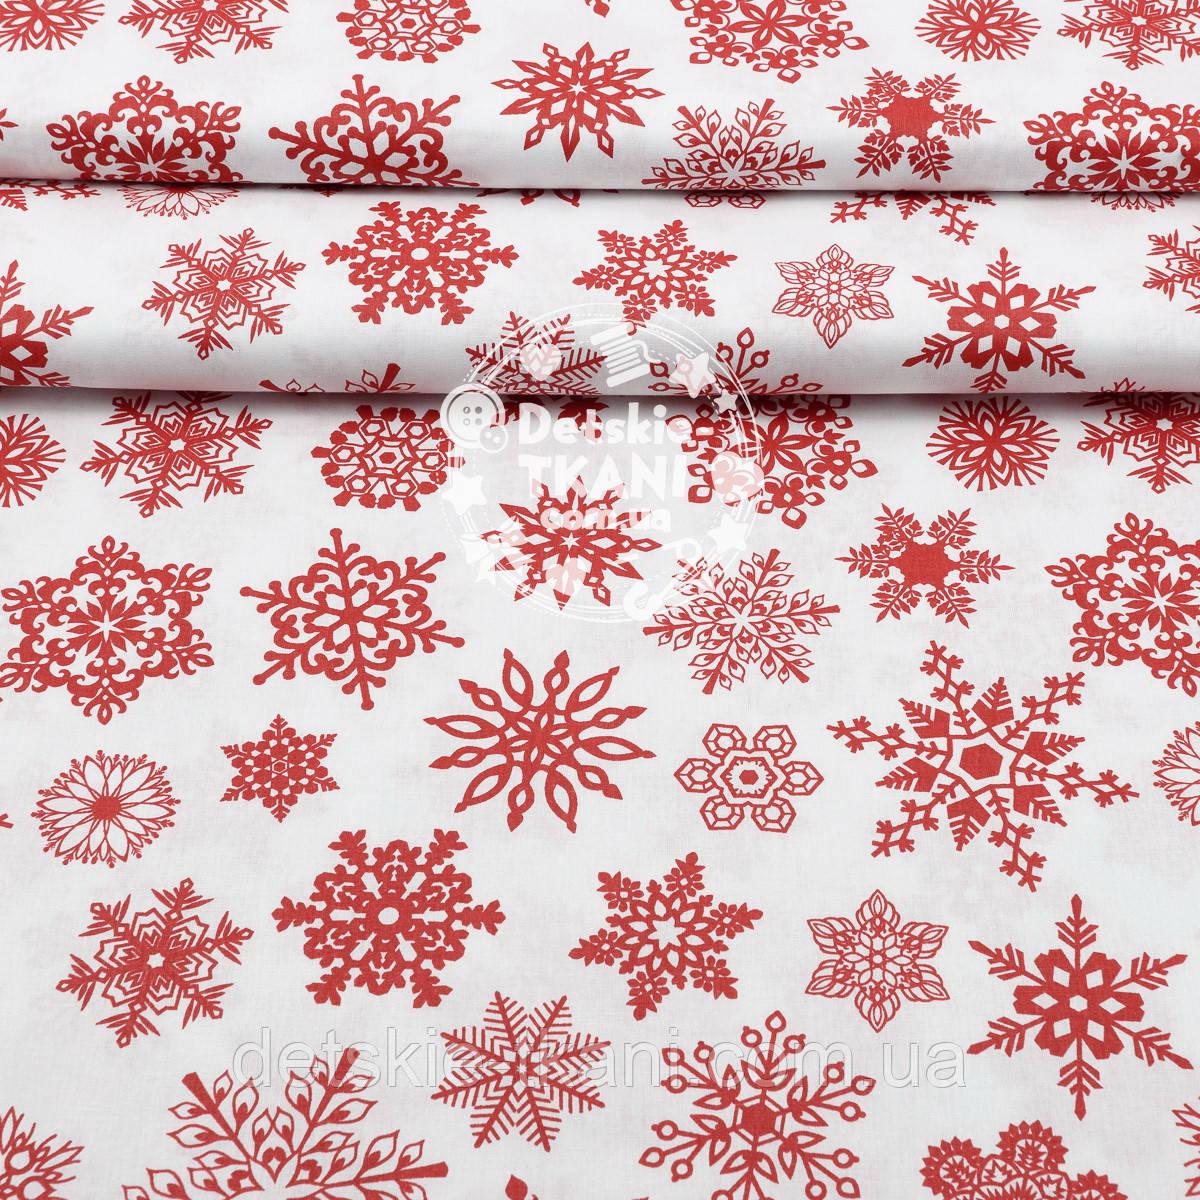 """Поплин с новогодним рисунком шириной 240 см """"Фигурные снежинки"""" красные на белом (№1603)"""